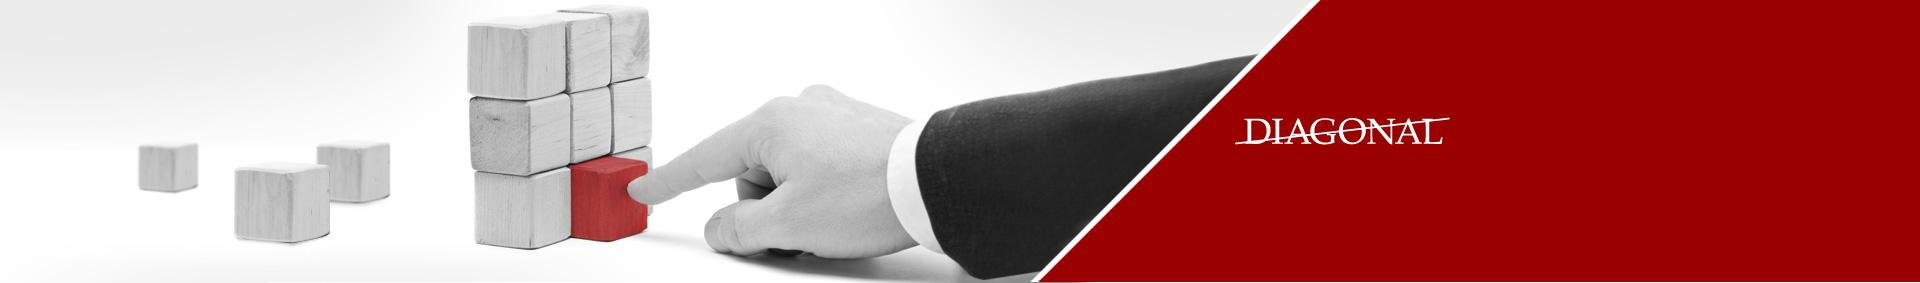 DIAGONAL FÖRLAGS AB - Ett fullserviceföretag inom media, årligen anlitade av ca 40 000 företag